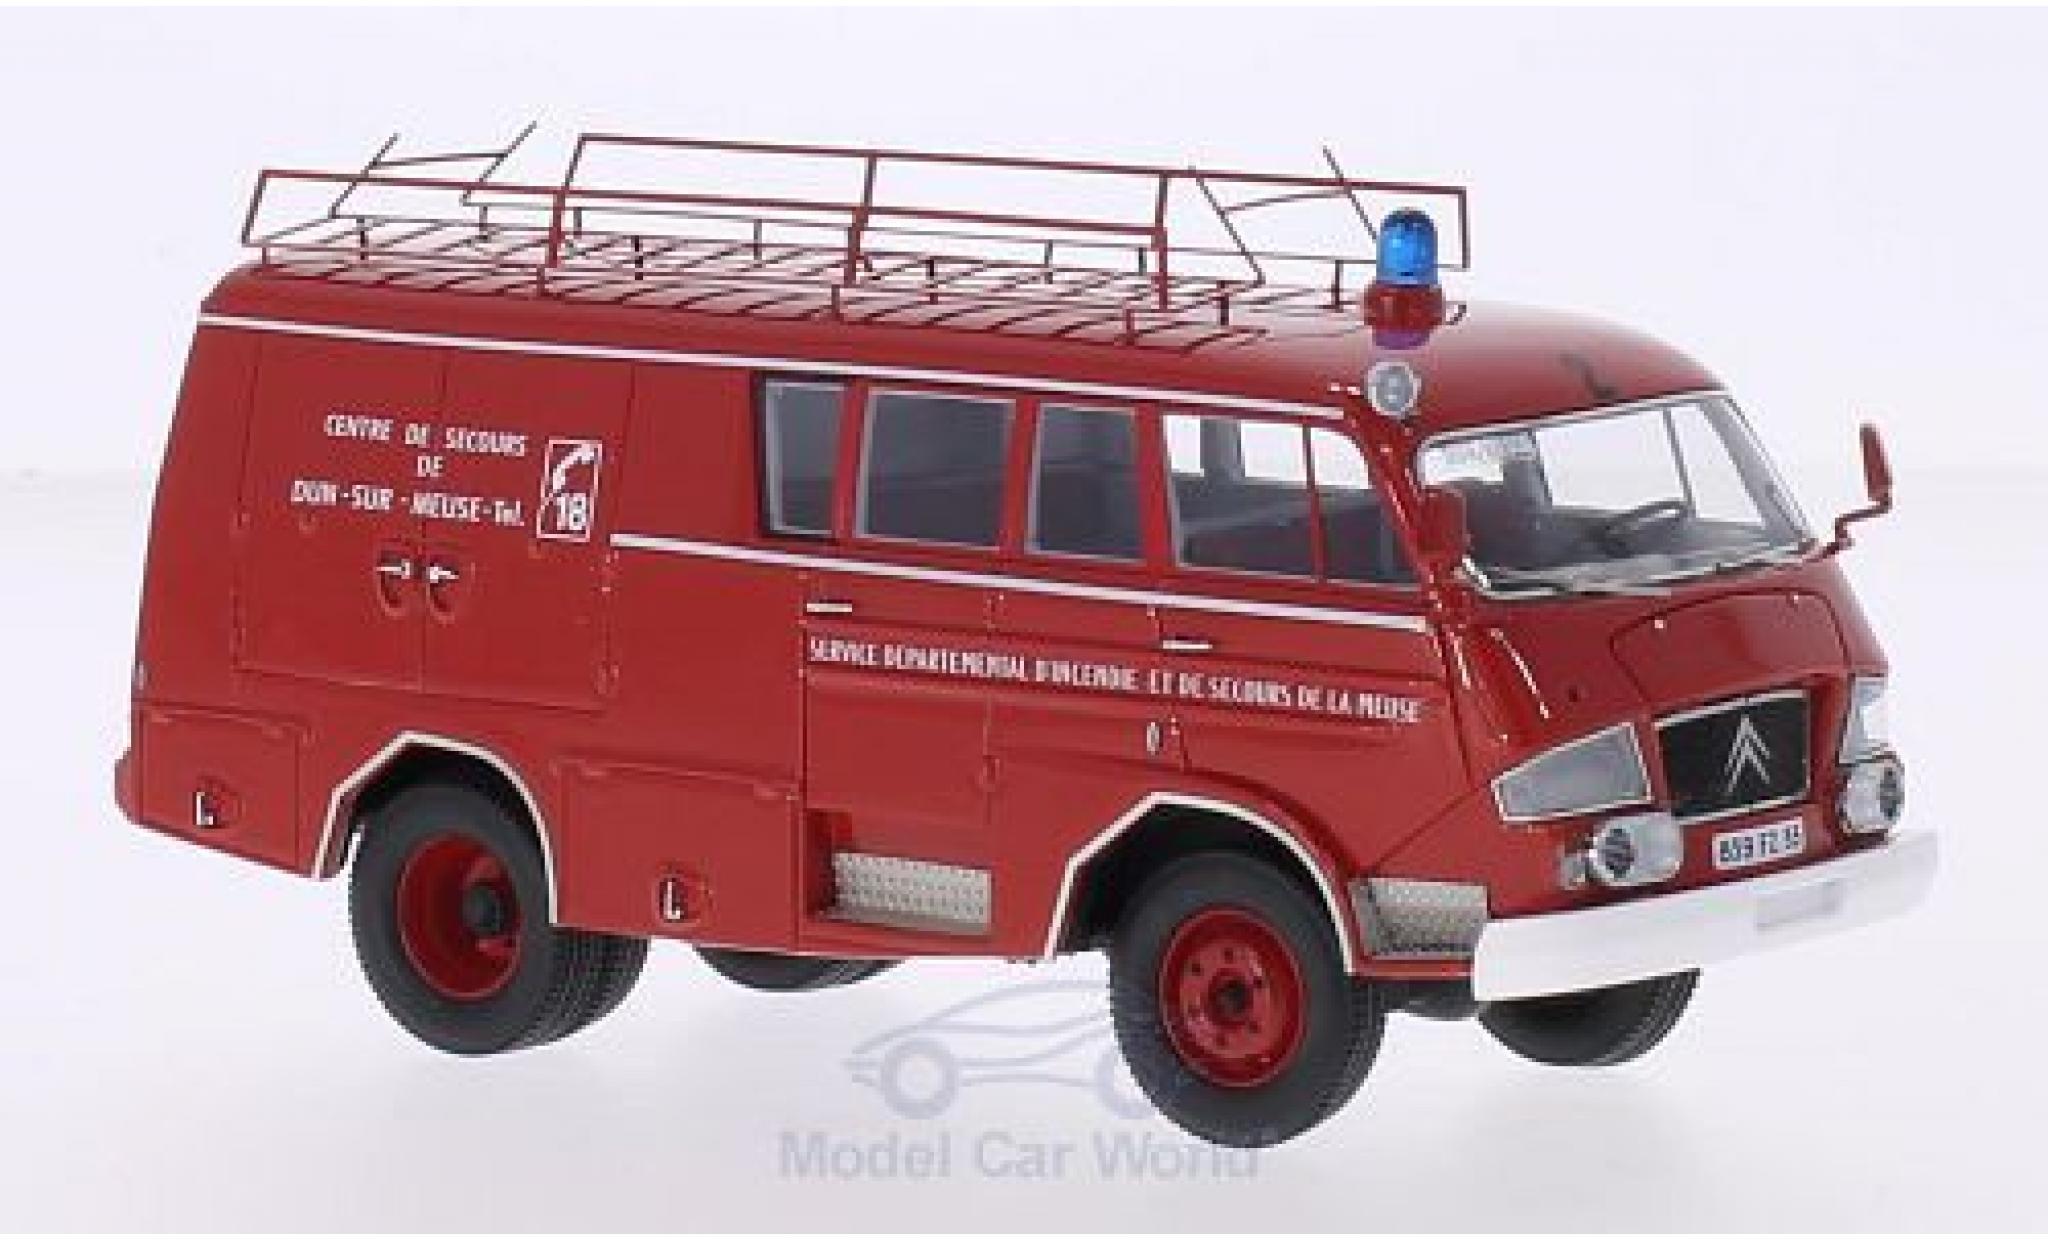 Citroen C3 1/43 AutoCult 50 Belphegor Guinard Centre de Secours de Dun-Sur-Meuse 1966 Feuerwehr (F)